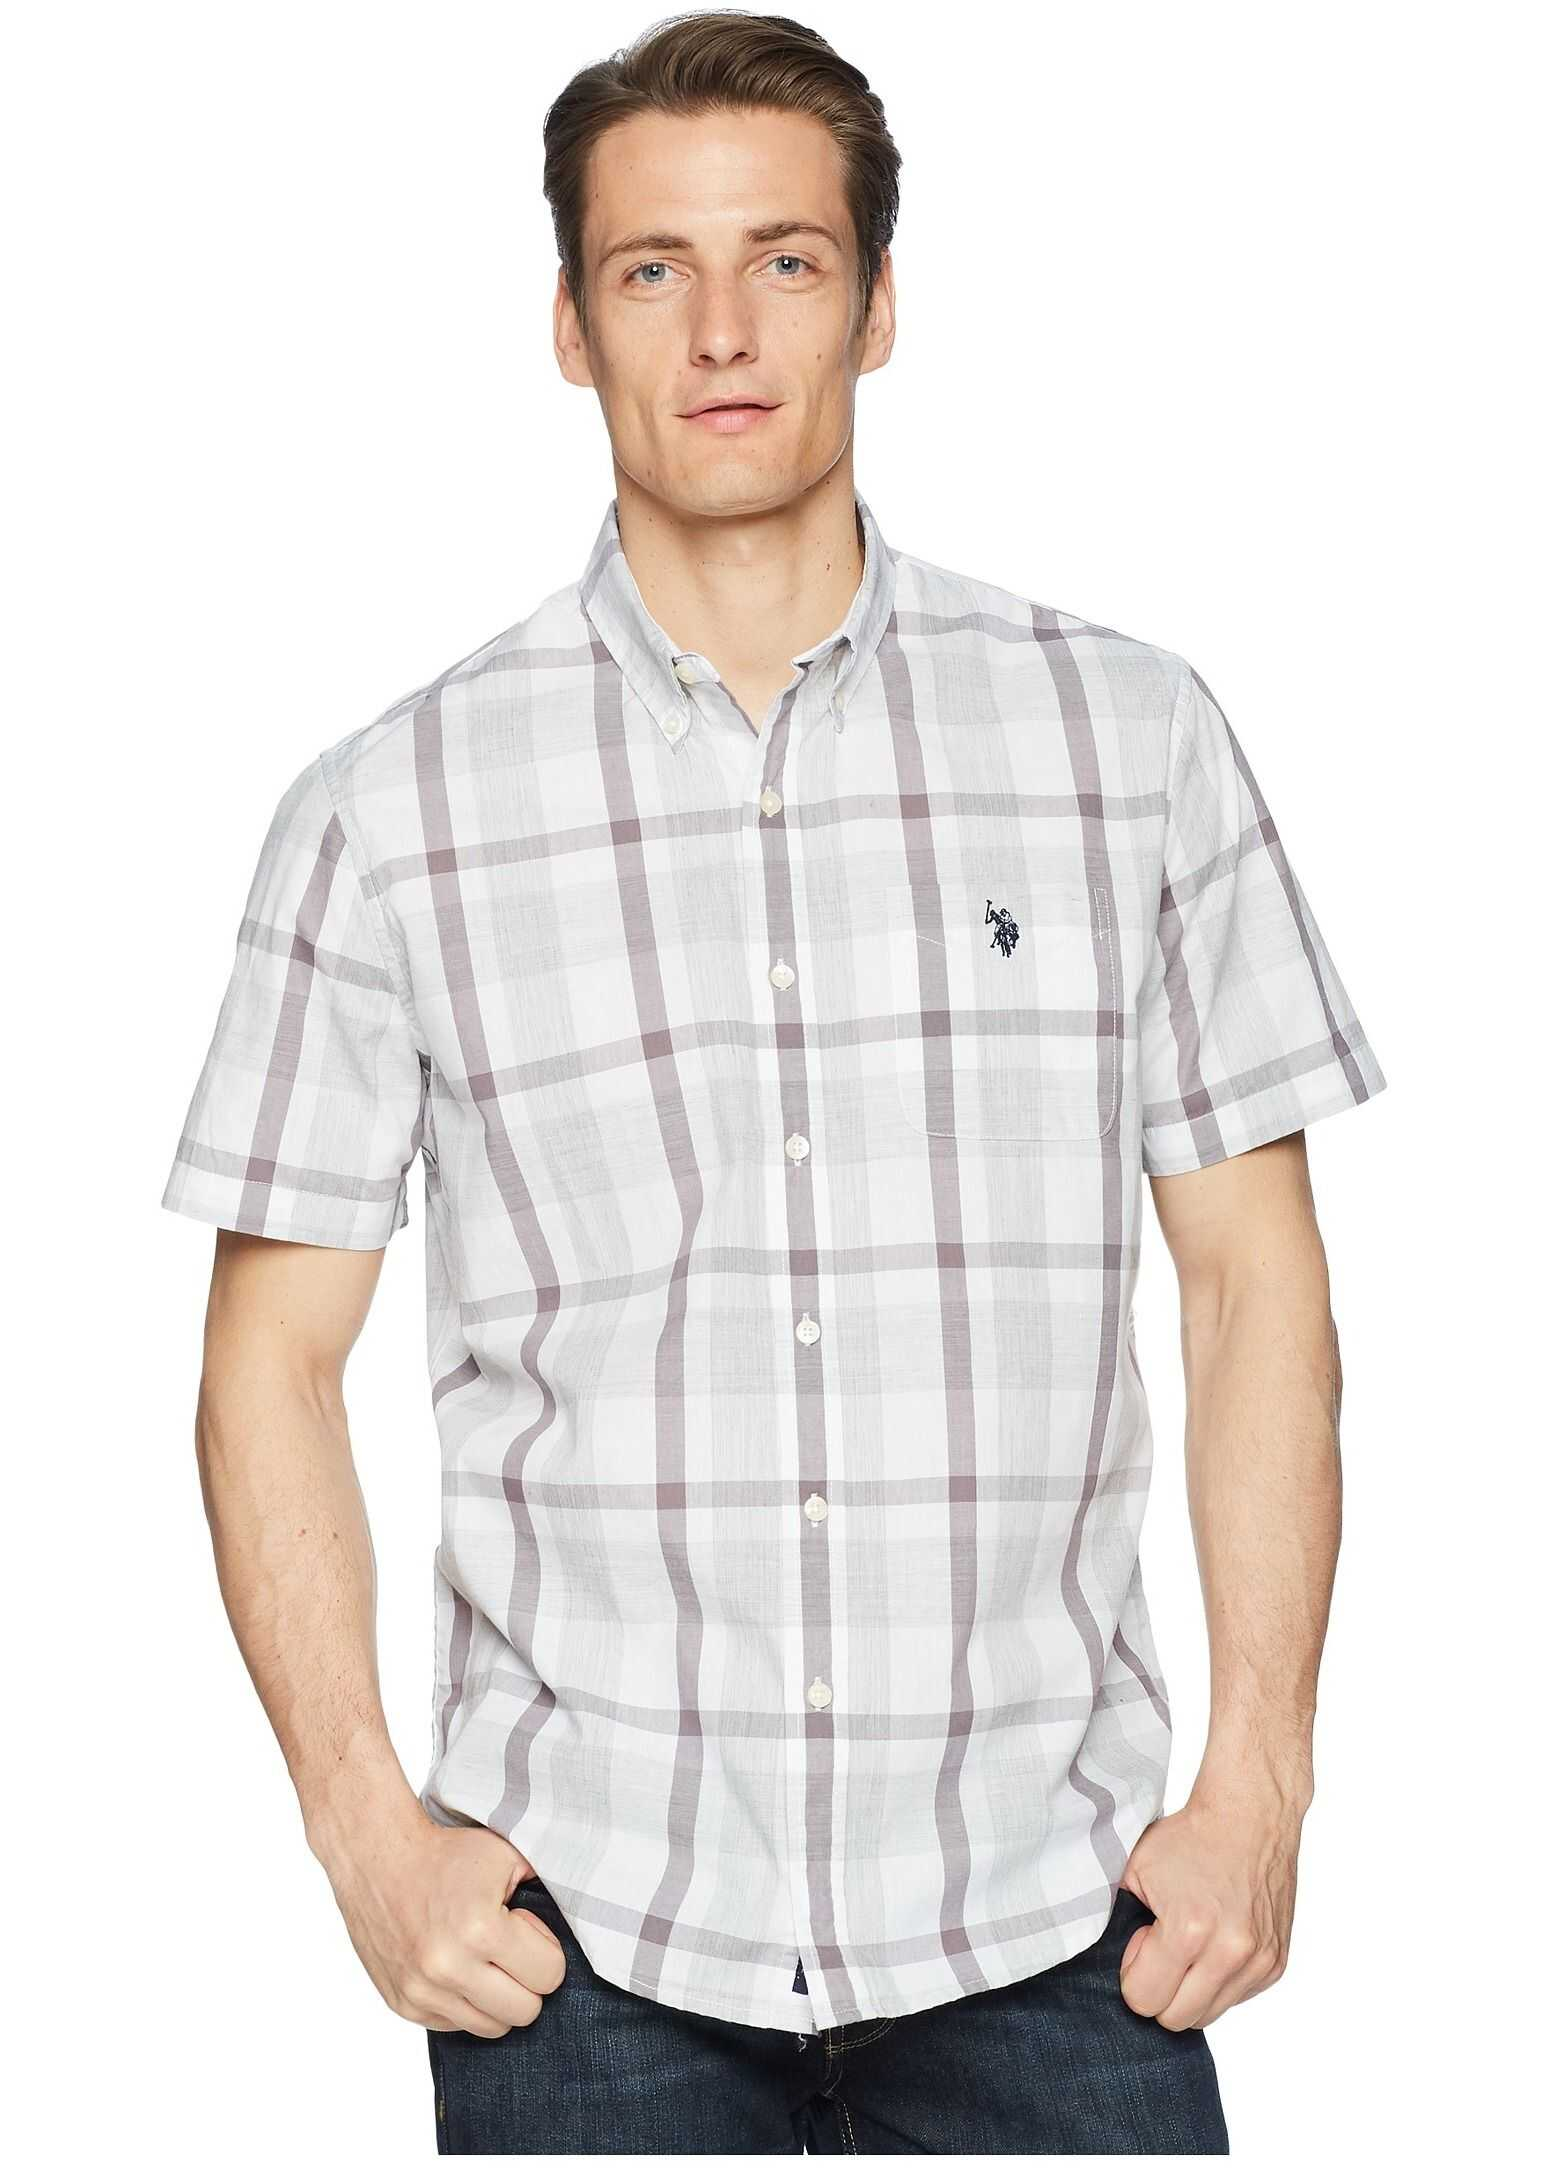 U.S. POLO ASSN. Plaid Woven Shirt Vapor Grey